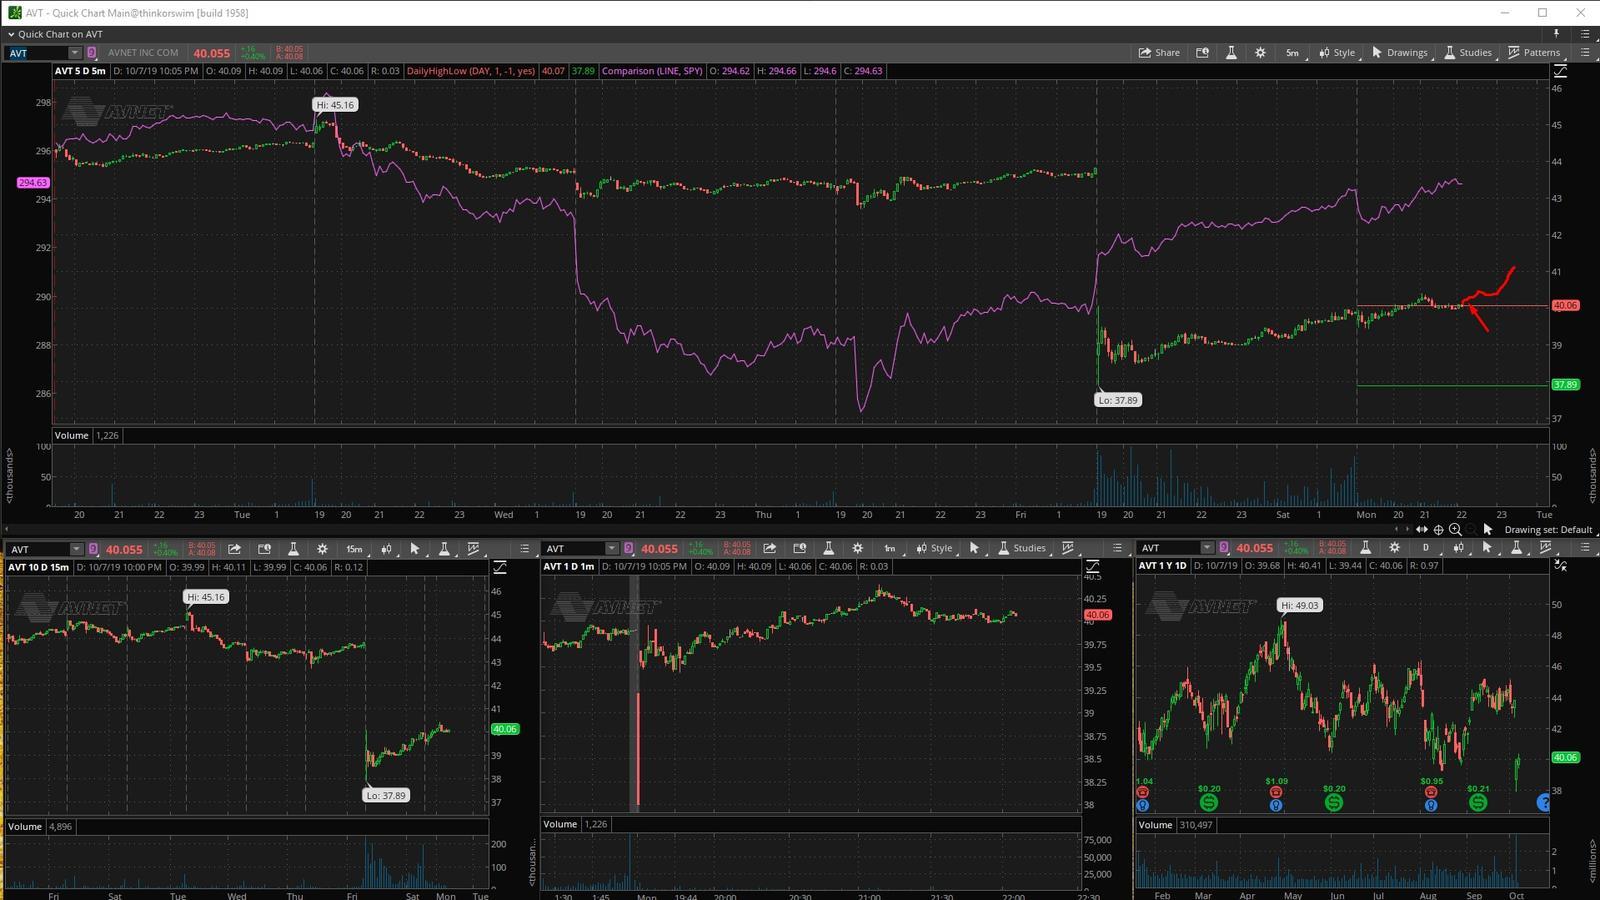 AVT - график акции на фондовой бирже